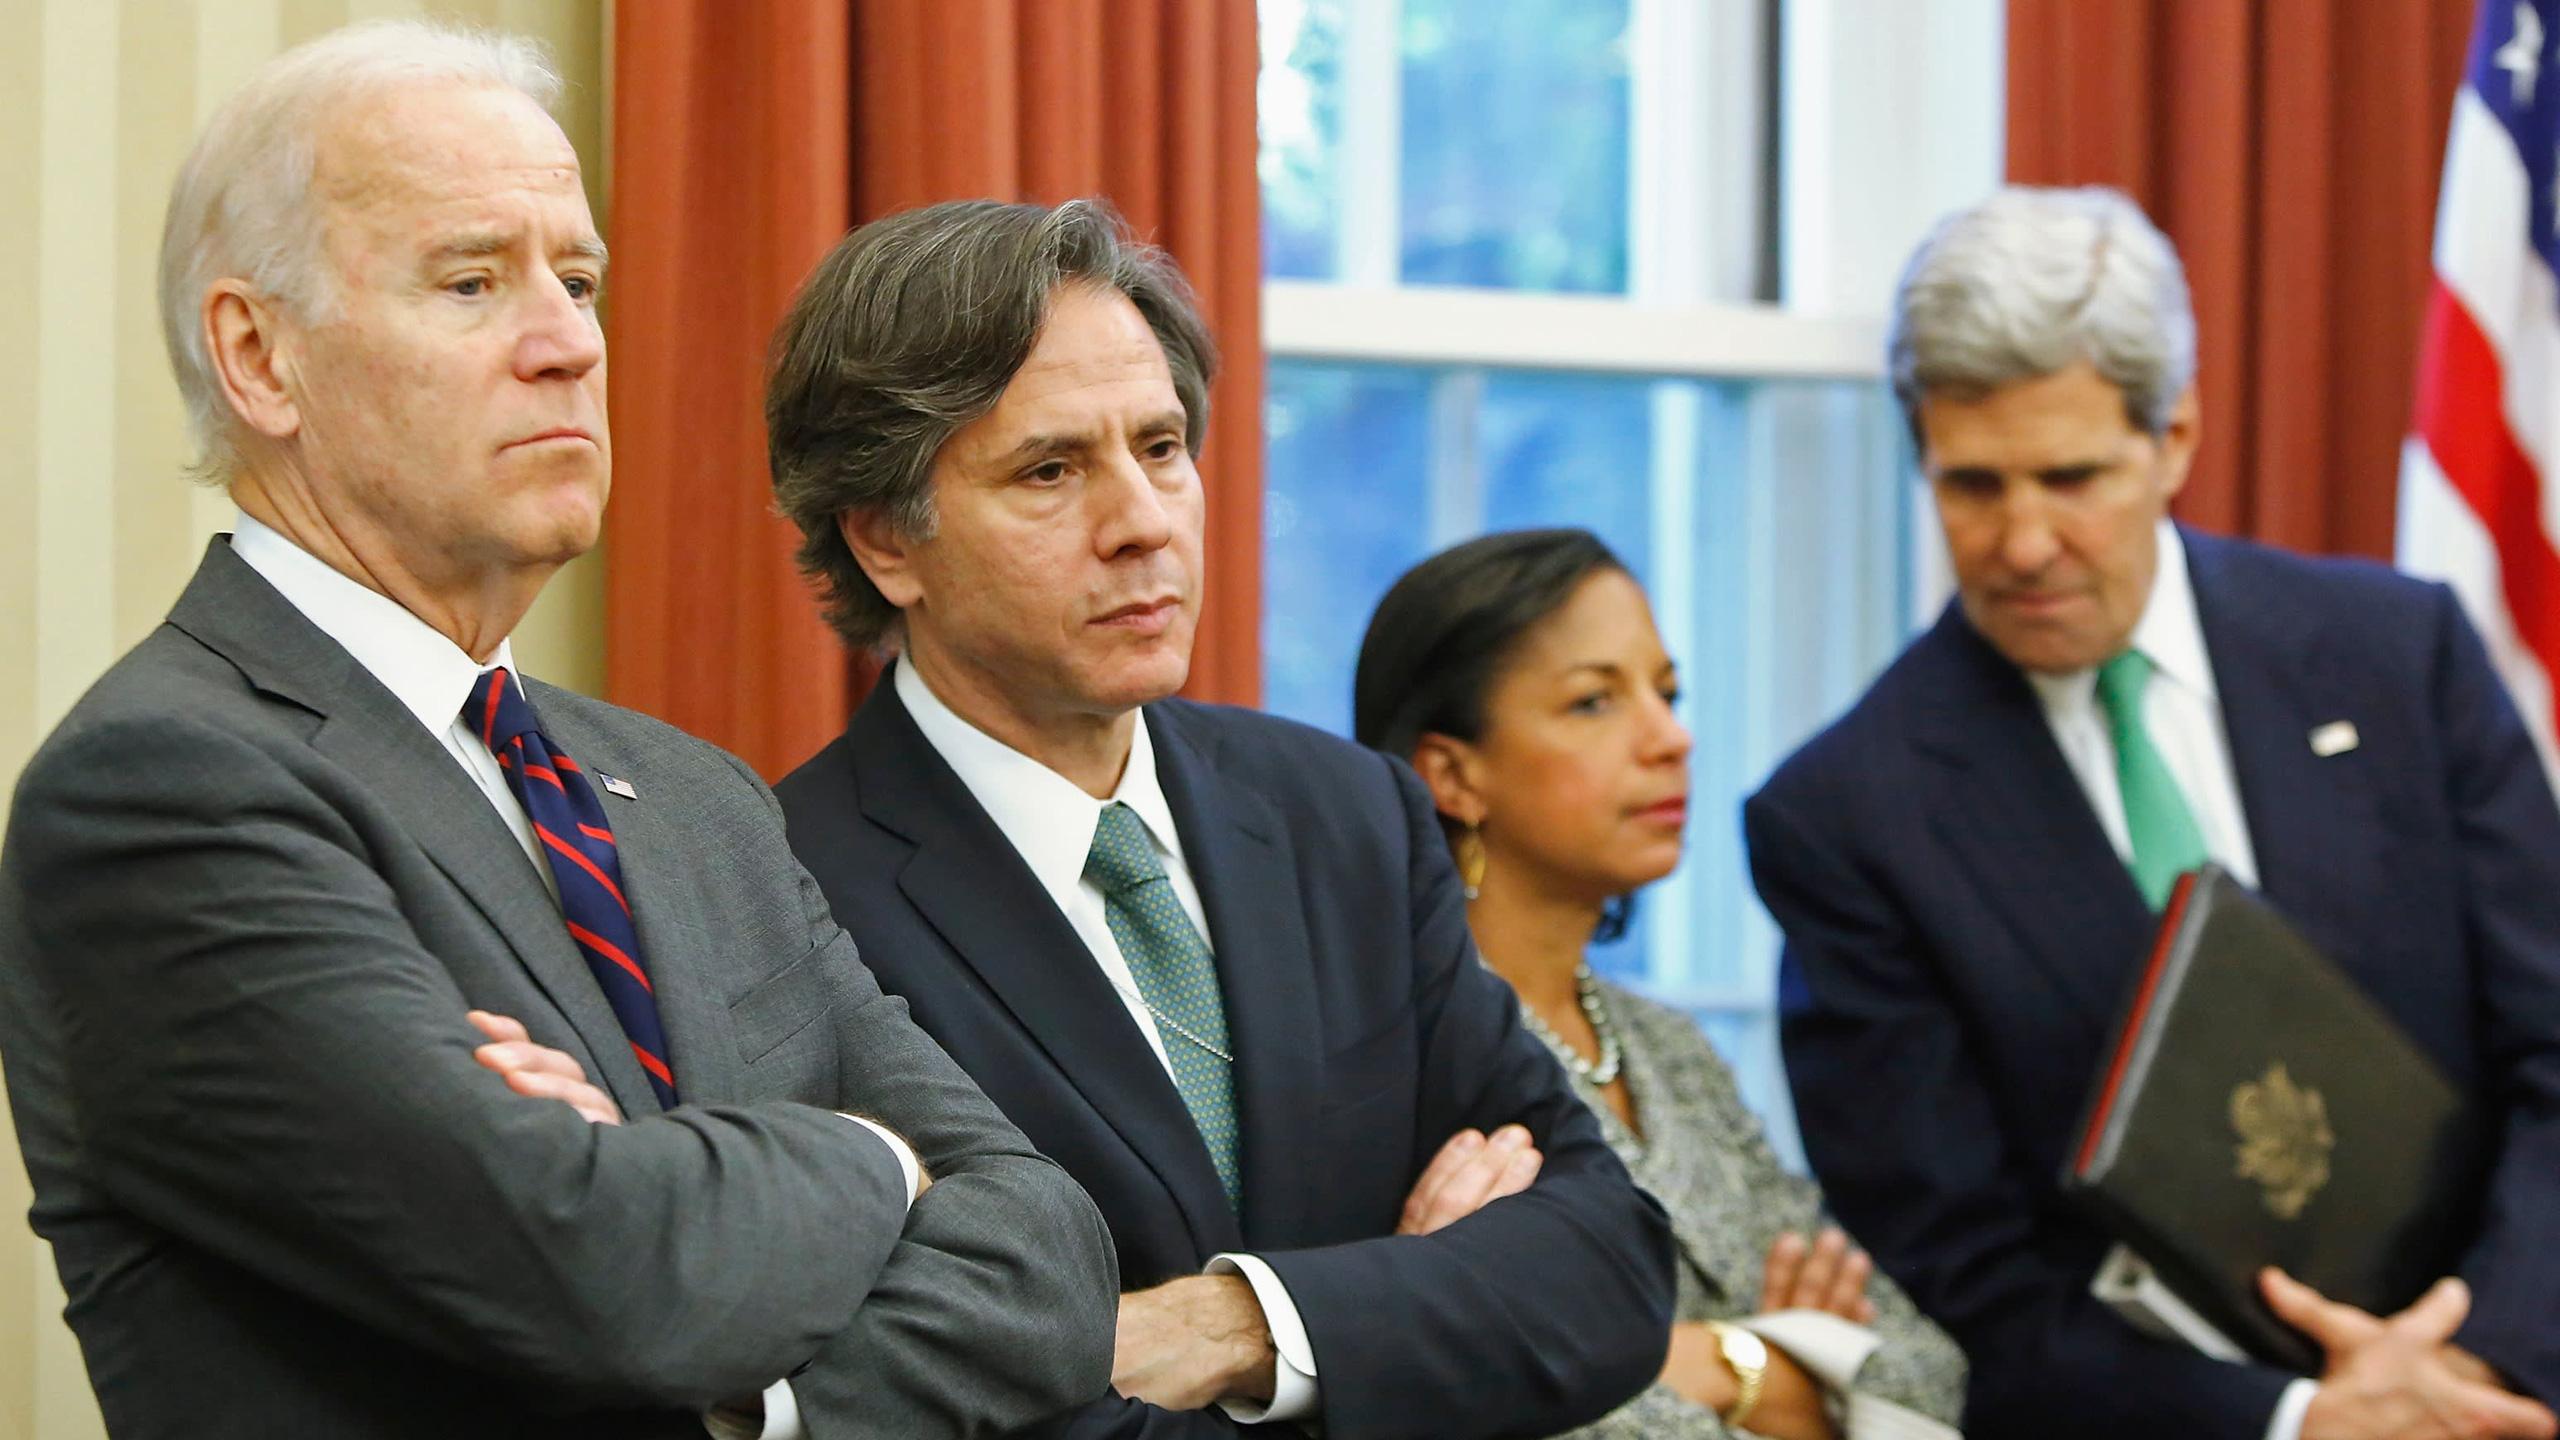 Reuters: Ông Biden chọn nhà ngoại giao kì cựu Antony Blinken làm ngoại trưởng Mỹ - Ảnh 1.